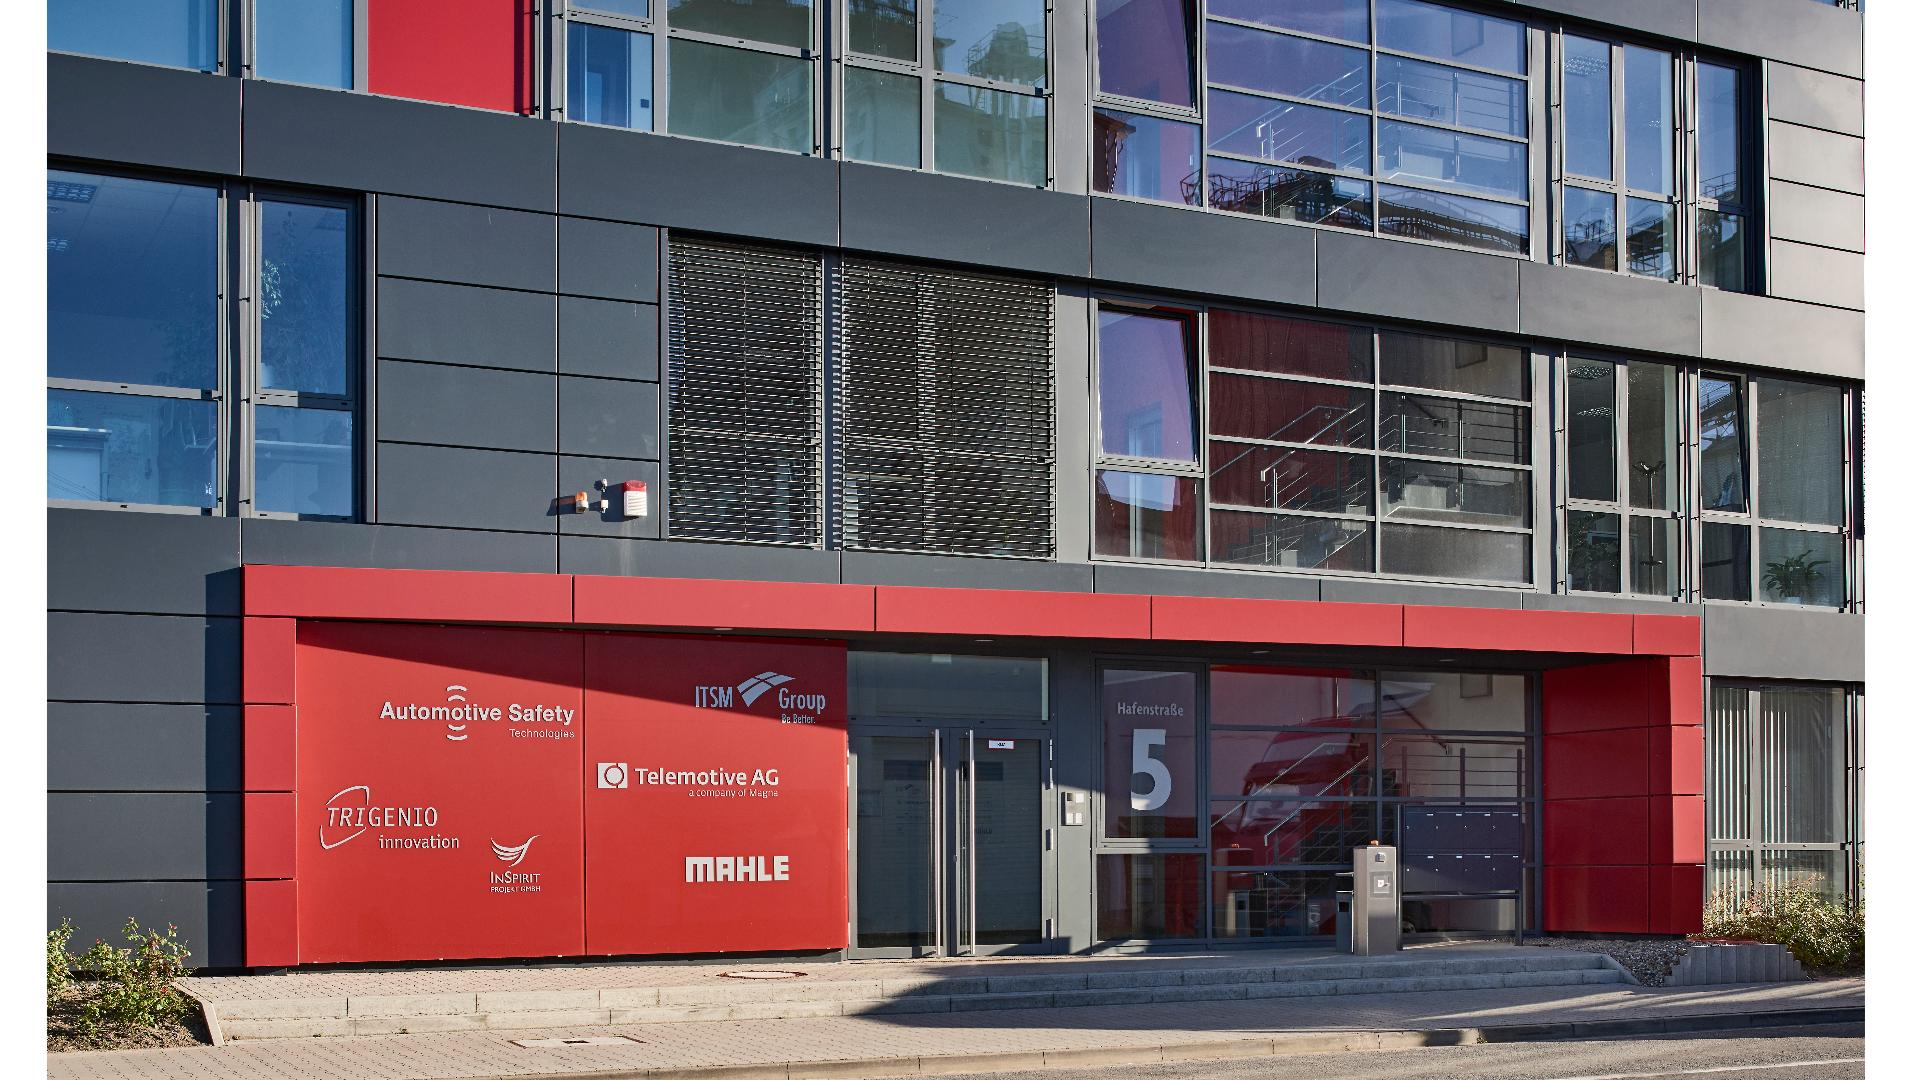 rote Verglasung im Eingangsbereich eines Firmengebäudes